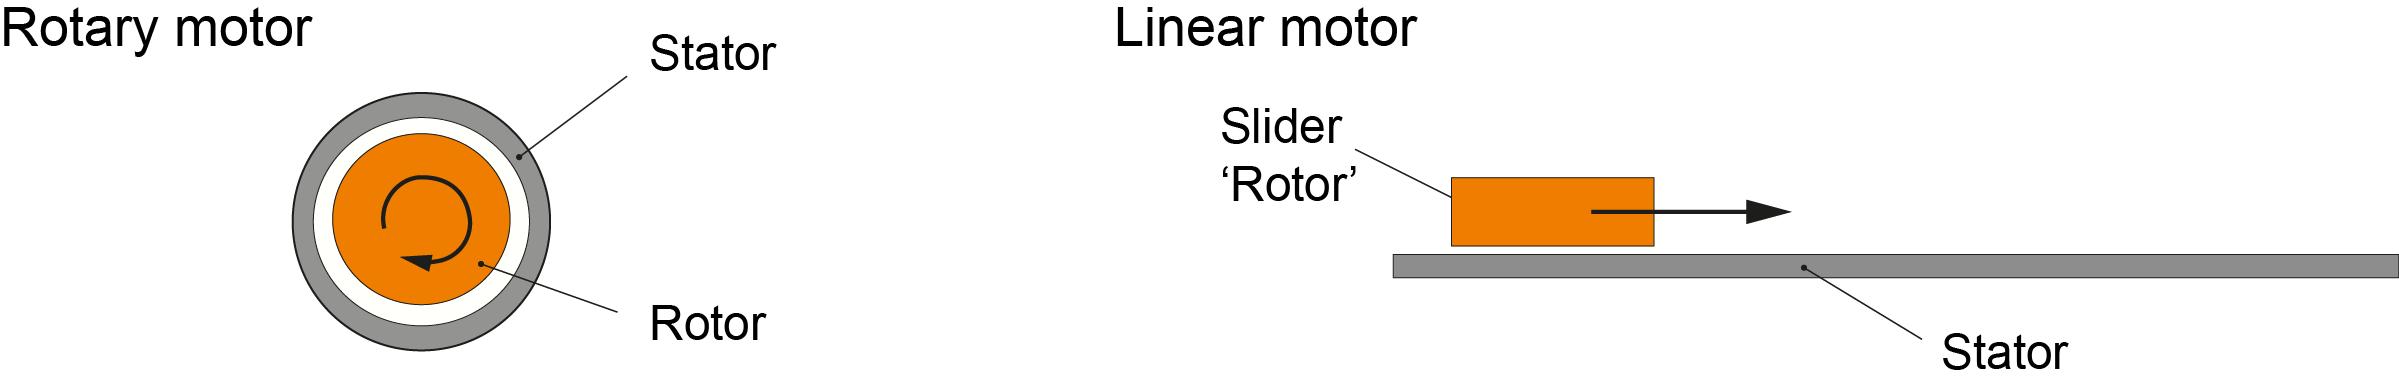 linear_motor